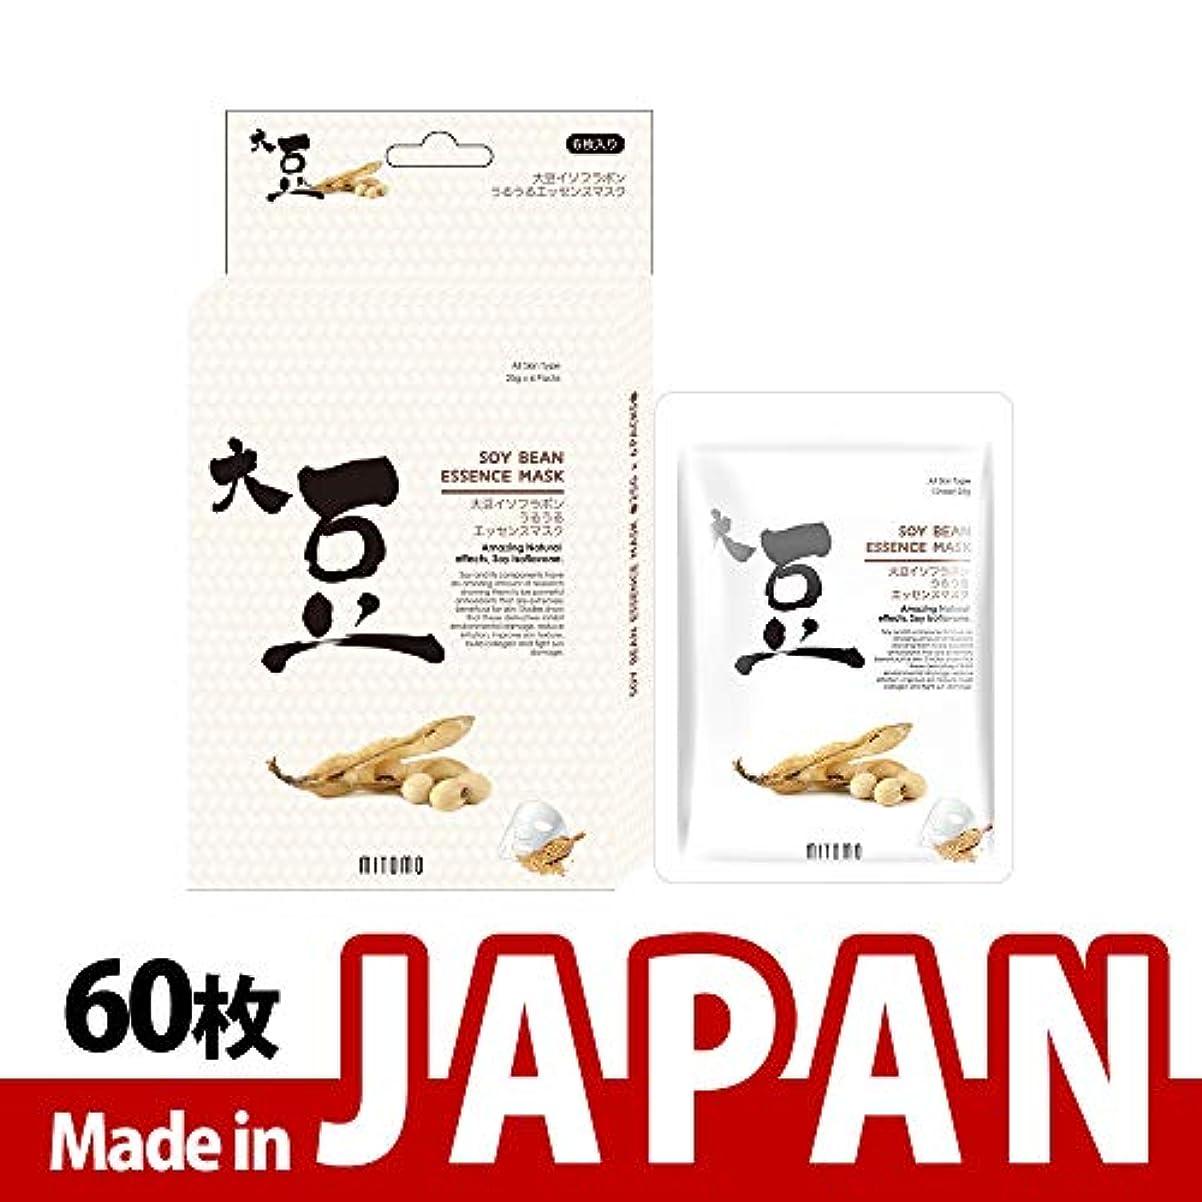 超音速メンバーヶ月目MITOMO【JP512-D-2】日本製シートマスク/6枚入り/60枚/美容液/マスクパック/送料無料